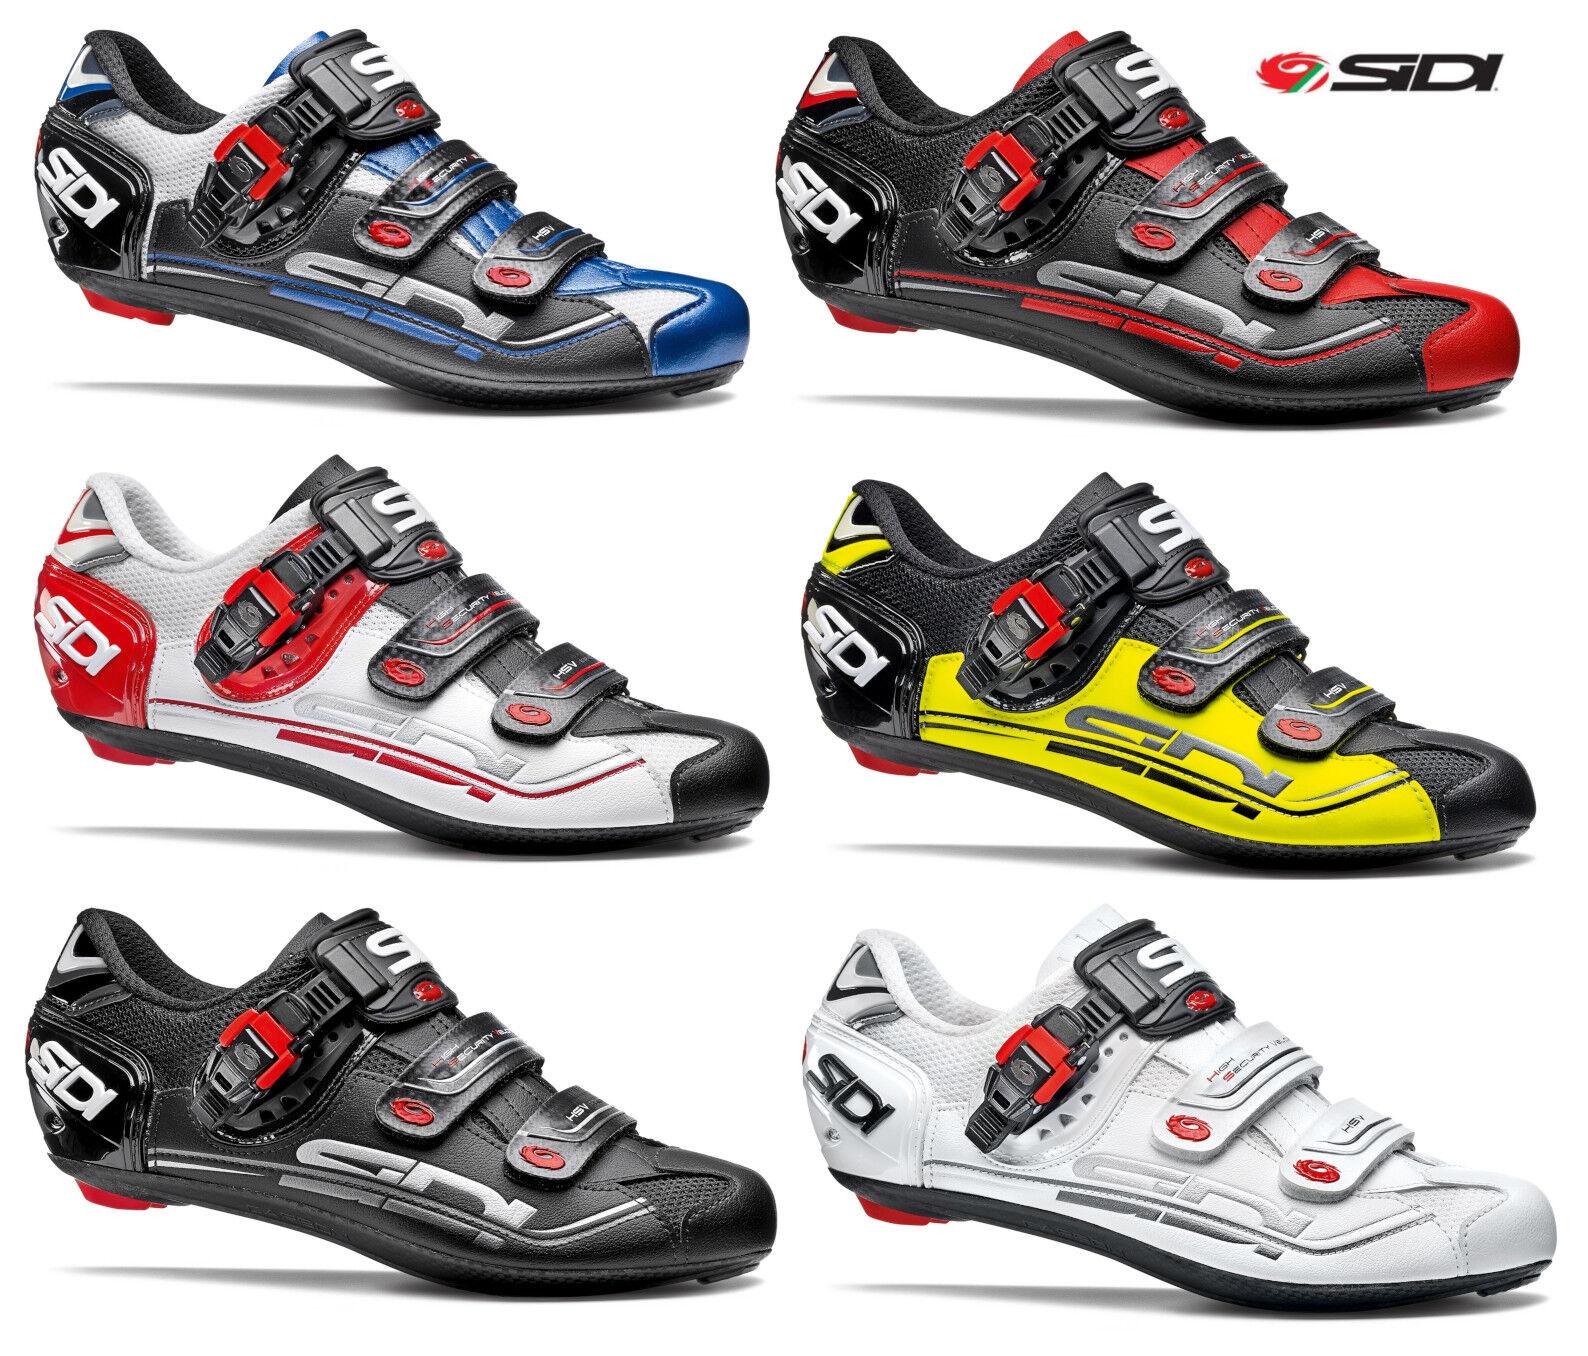 Sidi Men's Genius 7 Carbon Road Cycling shoes, Various  Sizes colors  outlet online